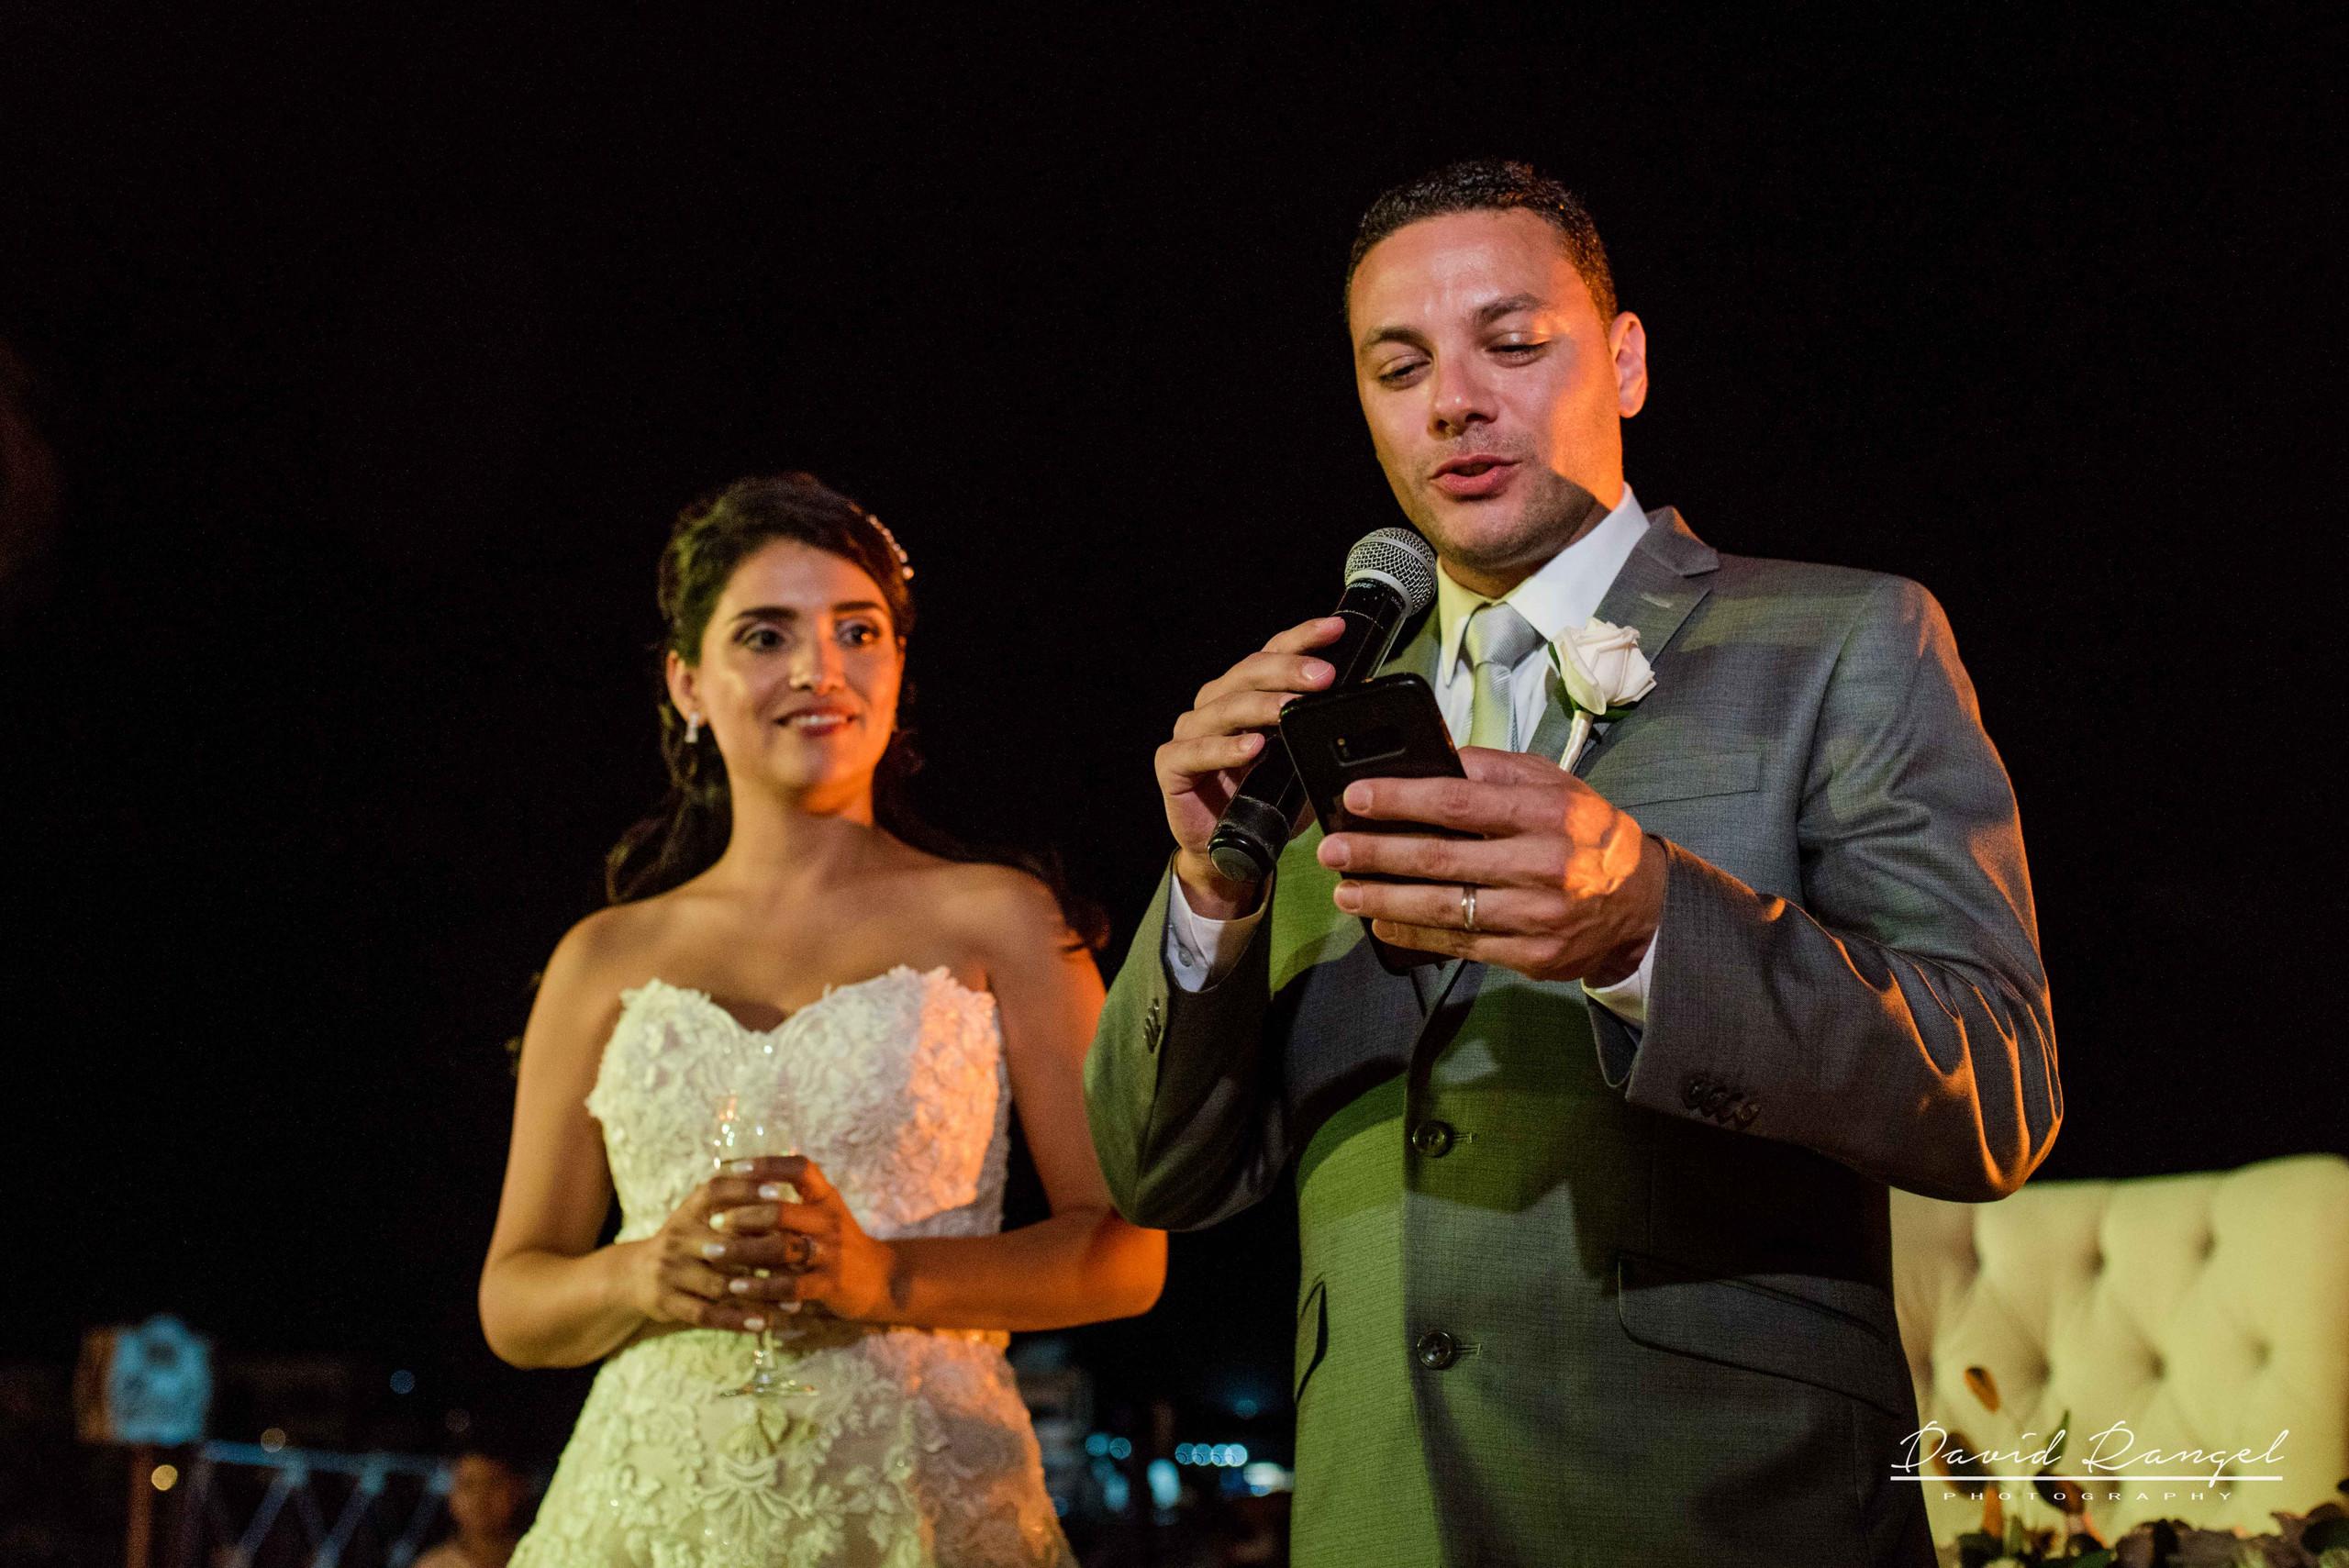 bride+groom+speaches